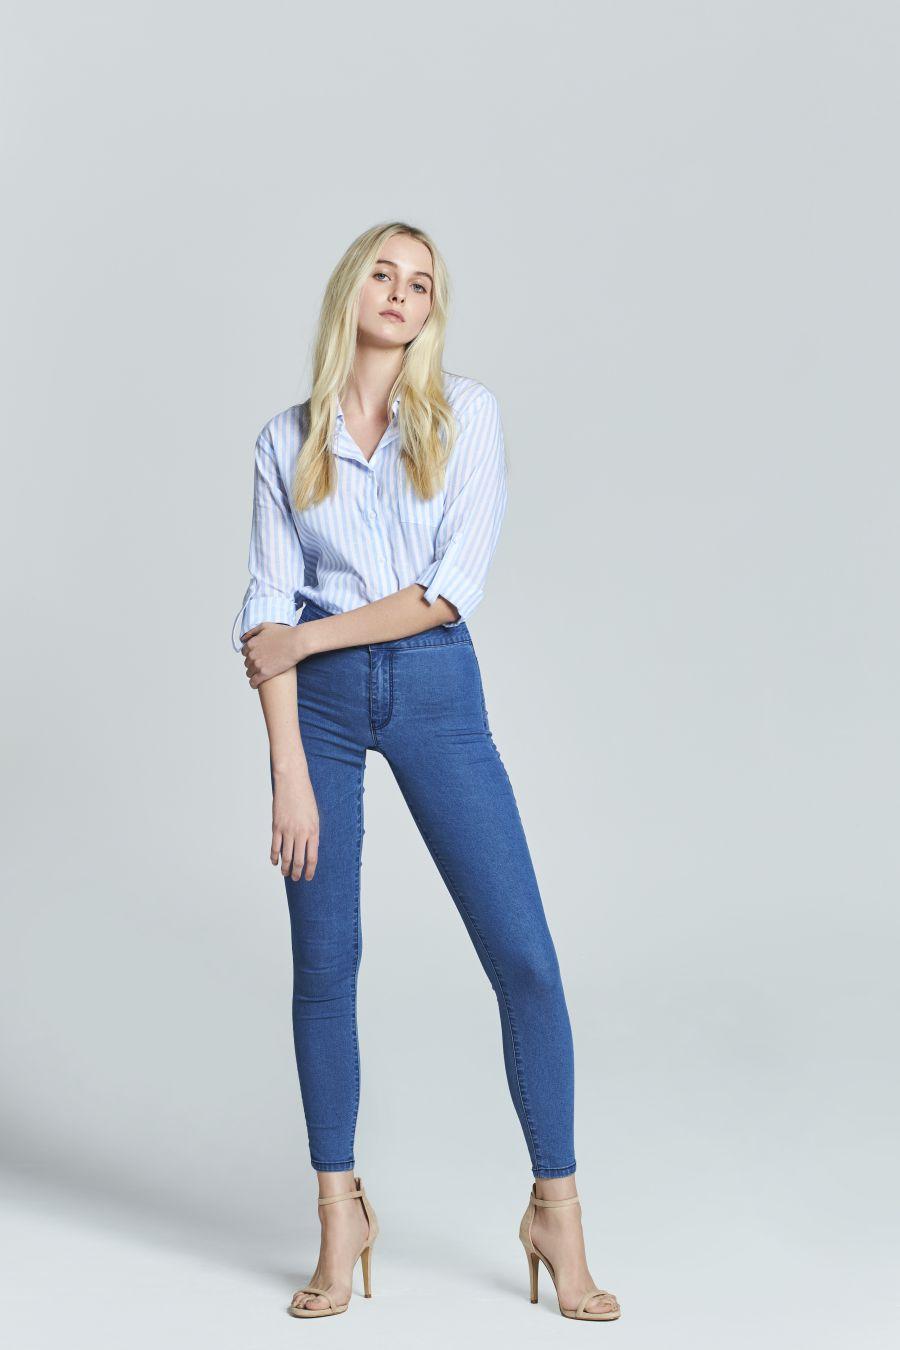 Primark Pantalones Mujer Tienda Online De Zapatos Ropa Y Complementos De Marca